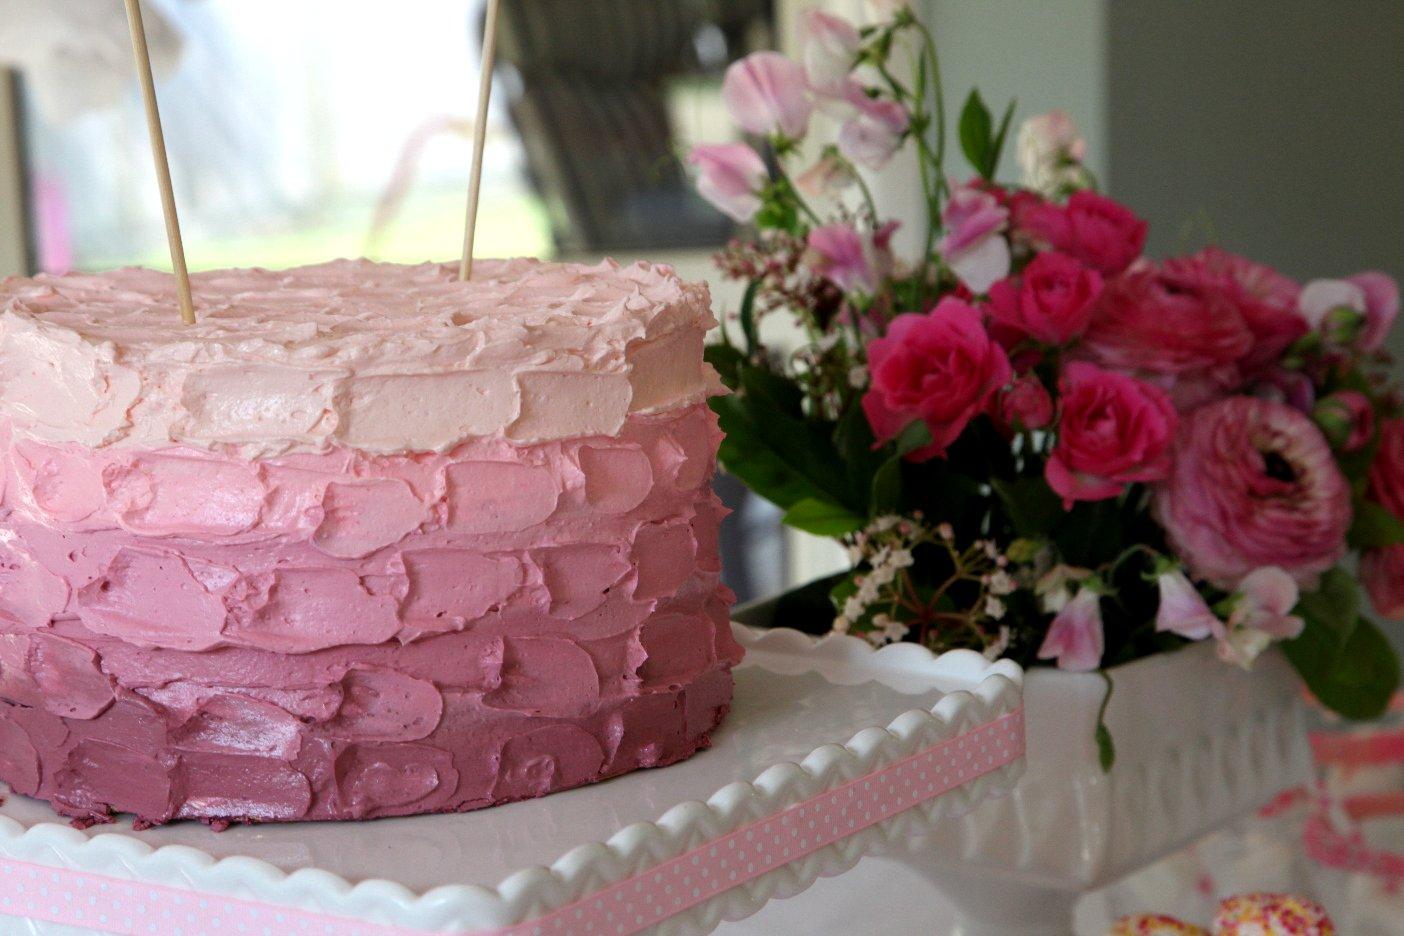 http://3.bp.blogspot.com/-xWgJHt7KVHU/TnuRiv1XNwI/AAAAAAAAC50/21vTqSJgQN0/s1600/Buttercream+ombre+cake.jpg